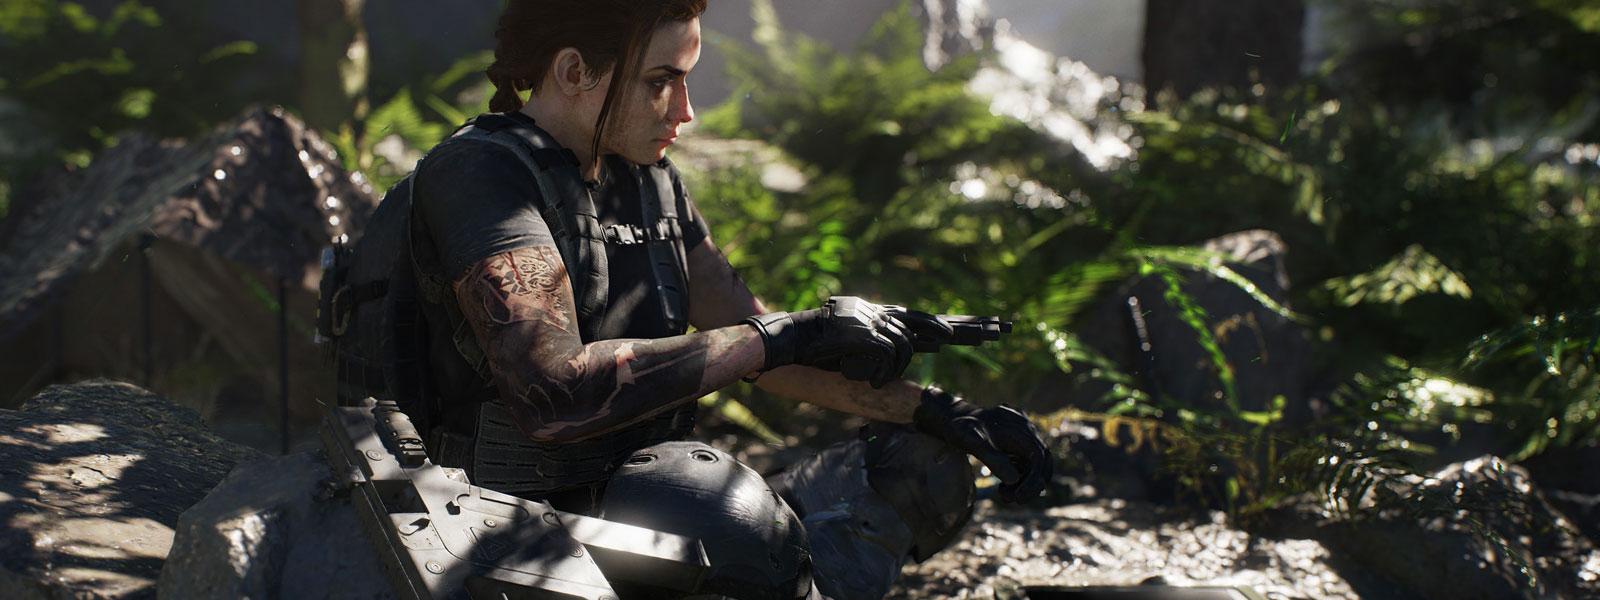 Weiblicher Charakter im Dschungel mit Pistole in der Hand